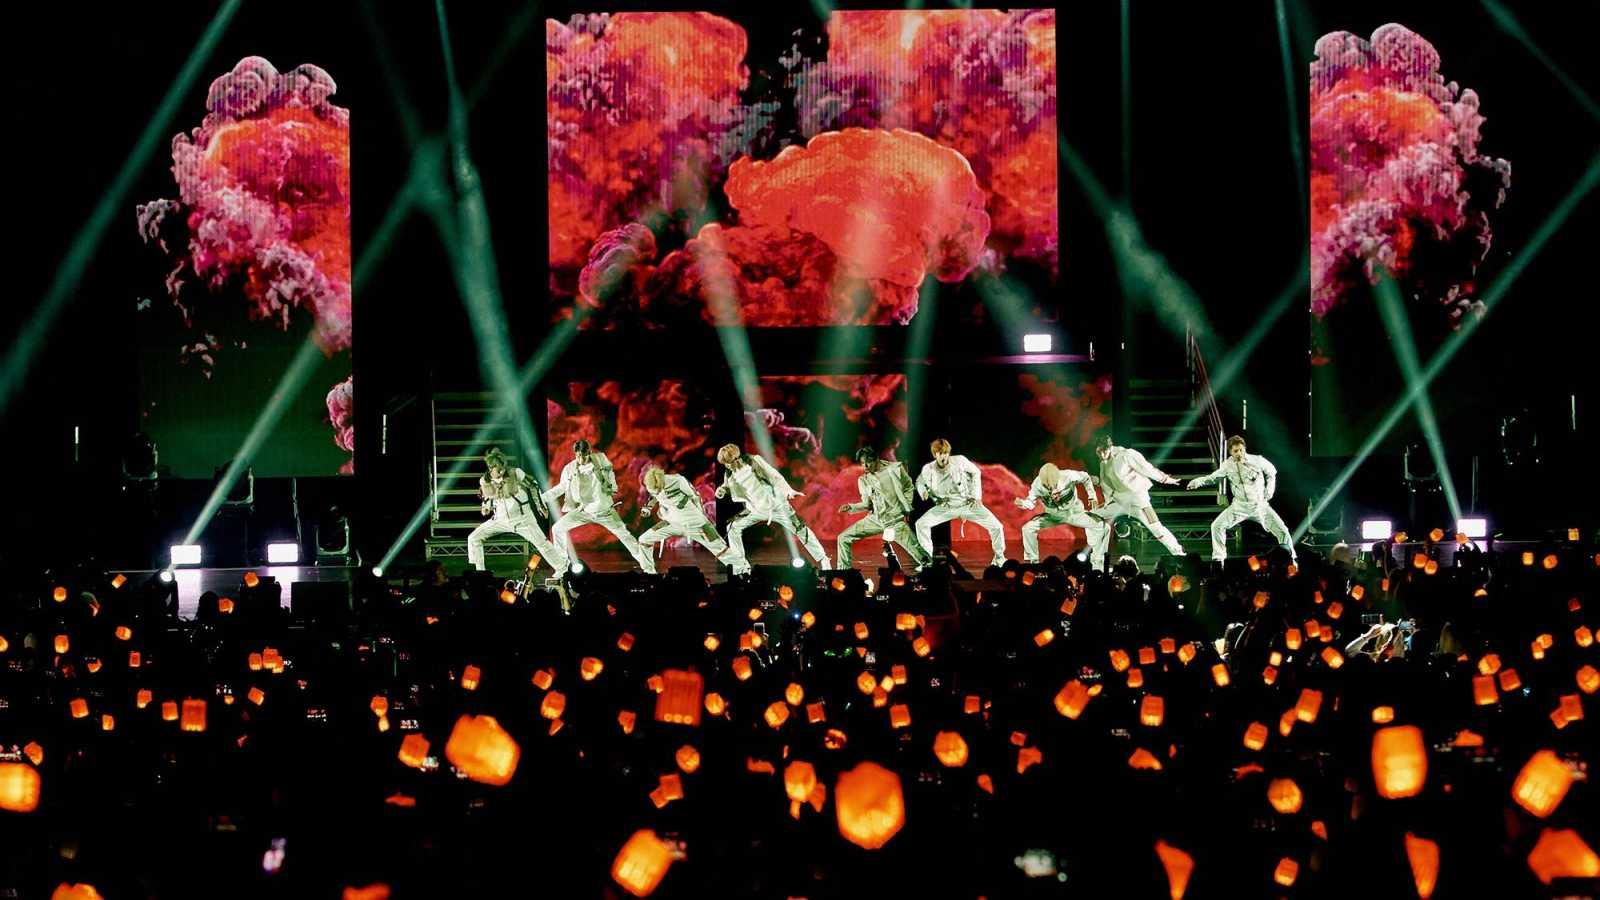 K-popin perusteet: Mitä tapahtuu kulissien takana?